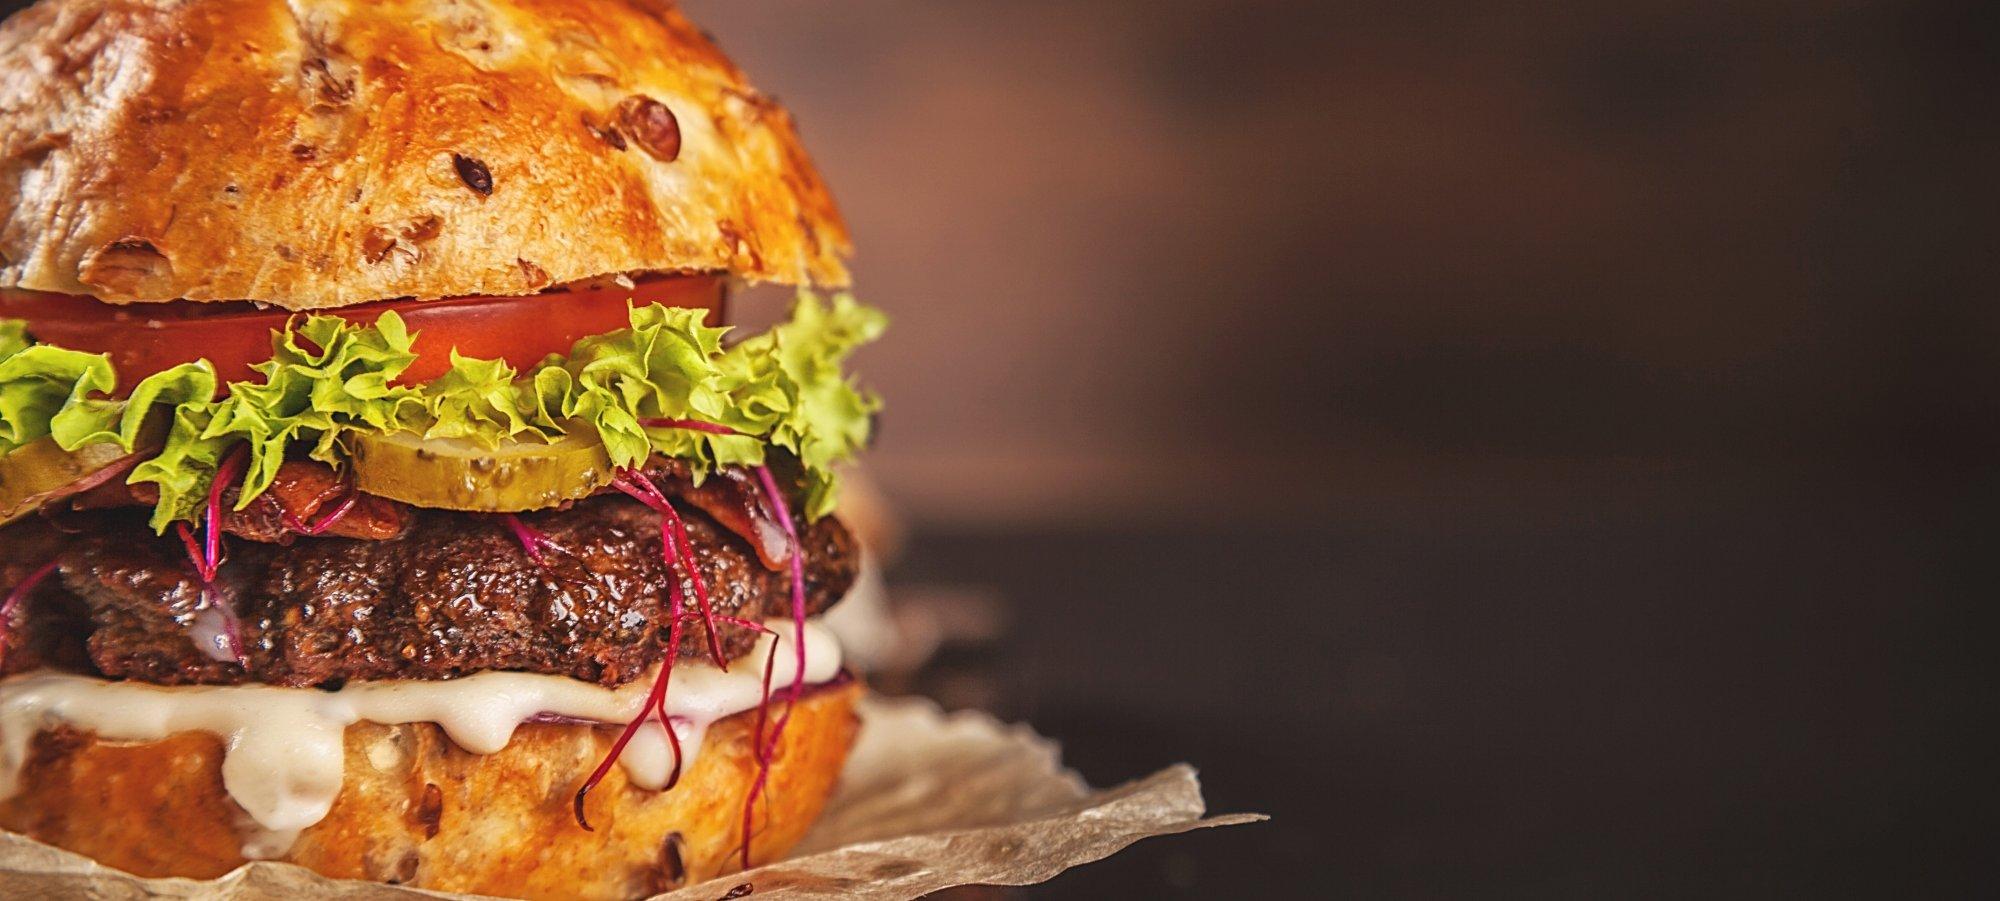 Full works burger.jpg